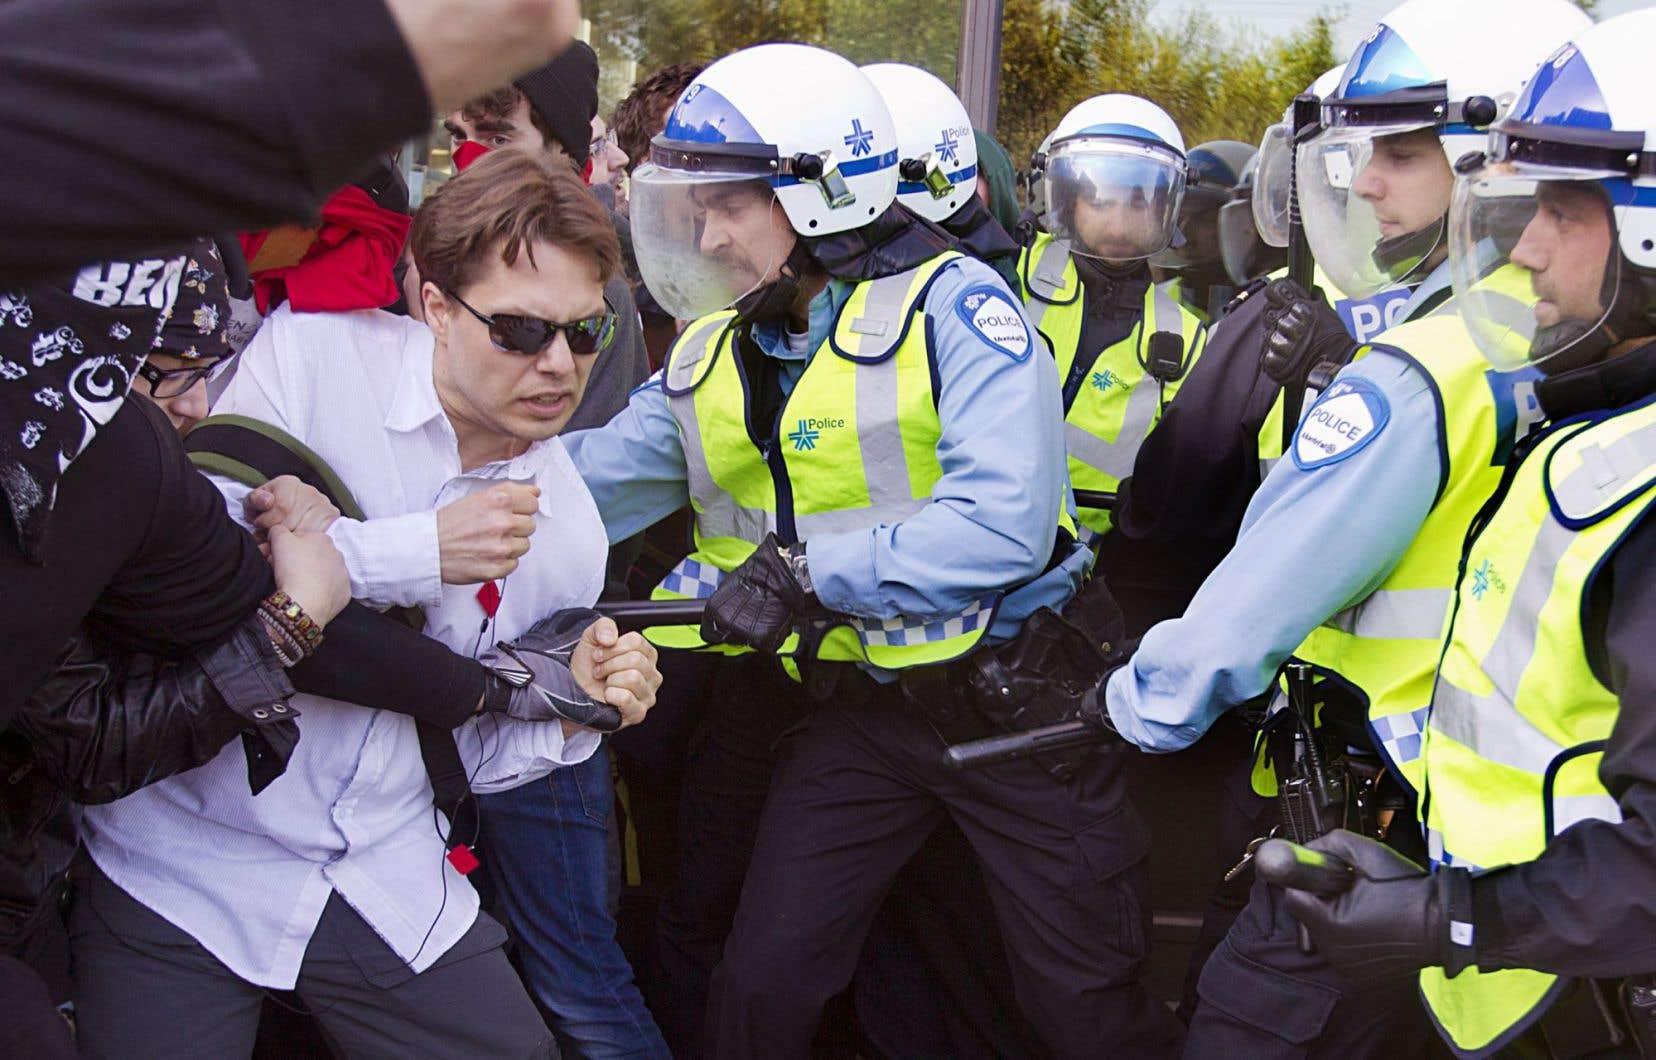 Les interventions policières menées contre des manifestants en 2011, 2012 et 2013 font l'objet d'actions collectives contre la Ville de Montréal.